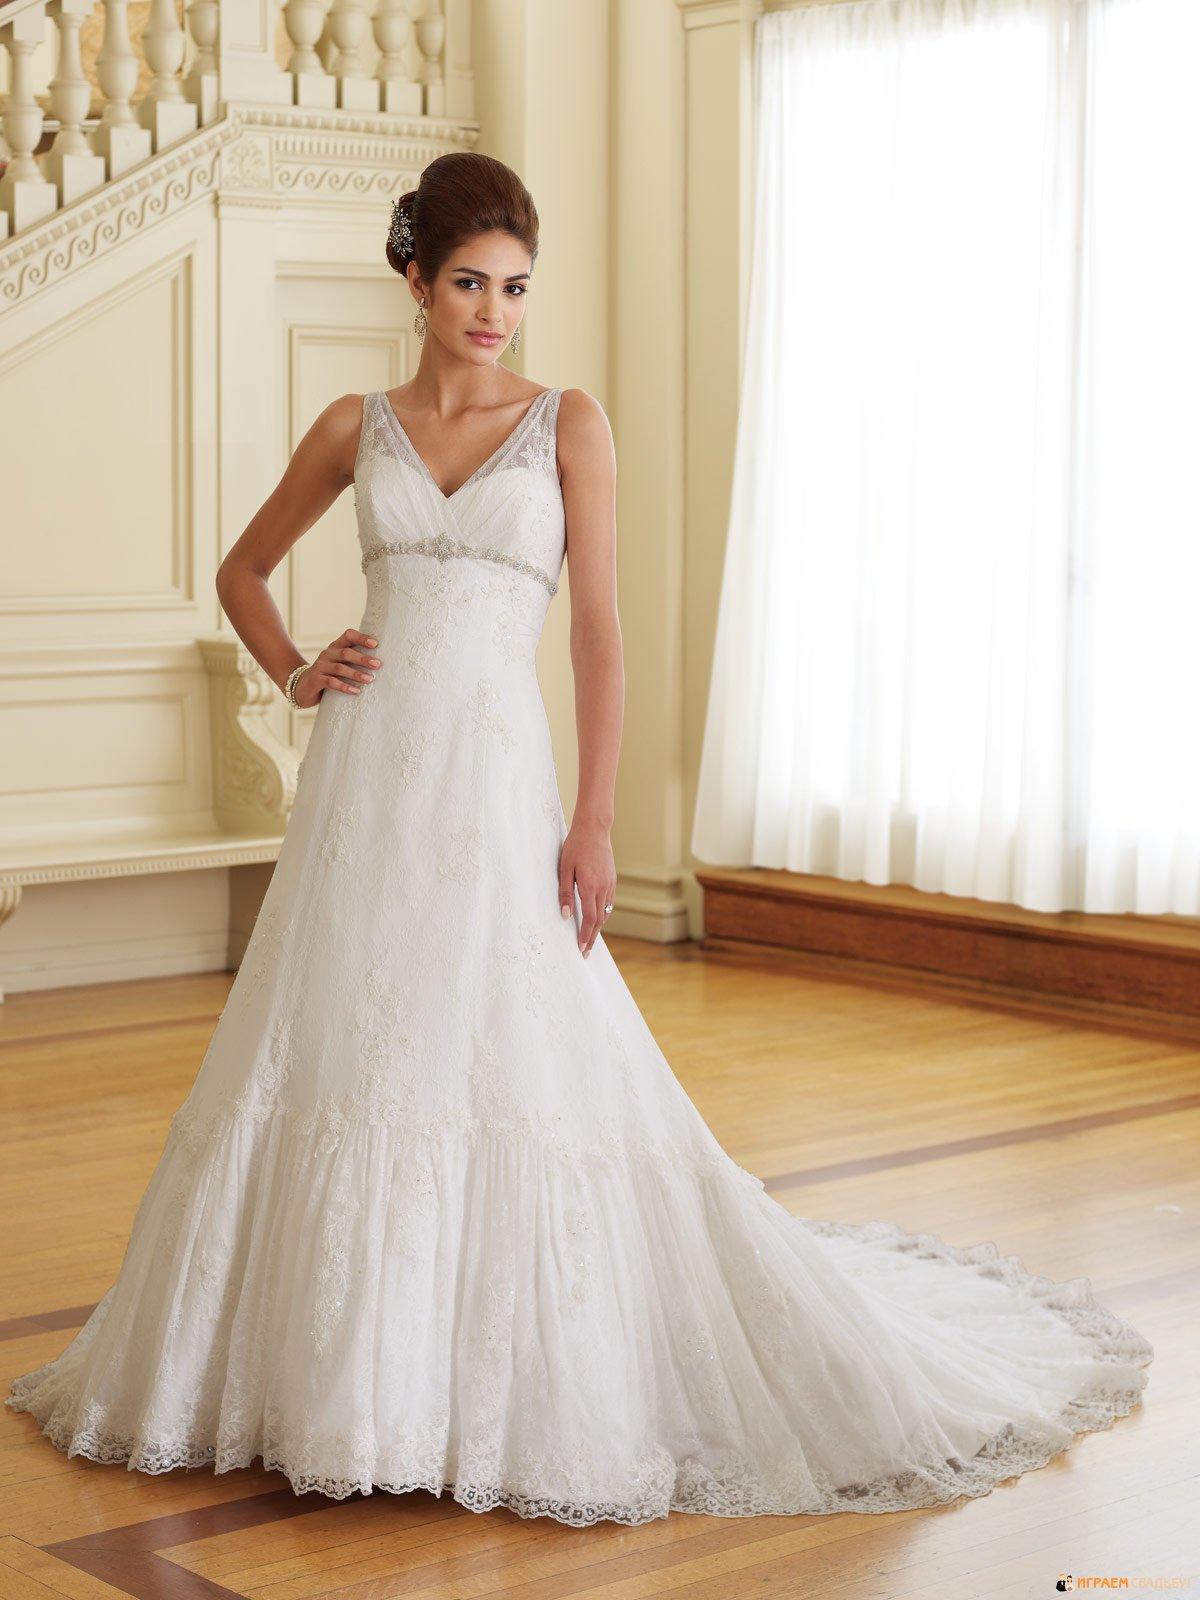 Фото зрелых в свадебном платье